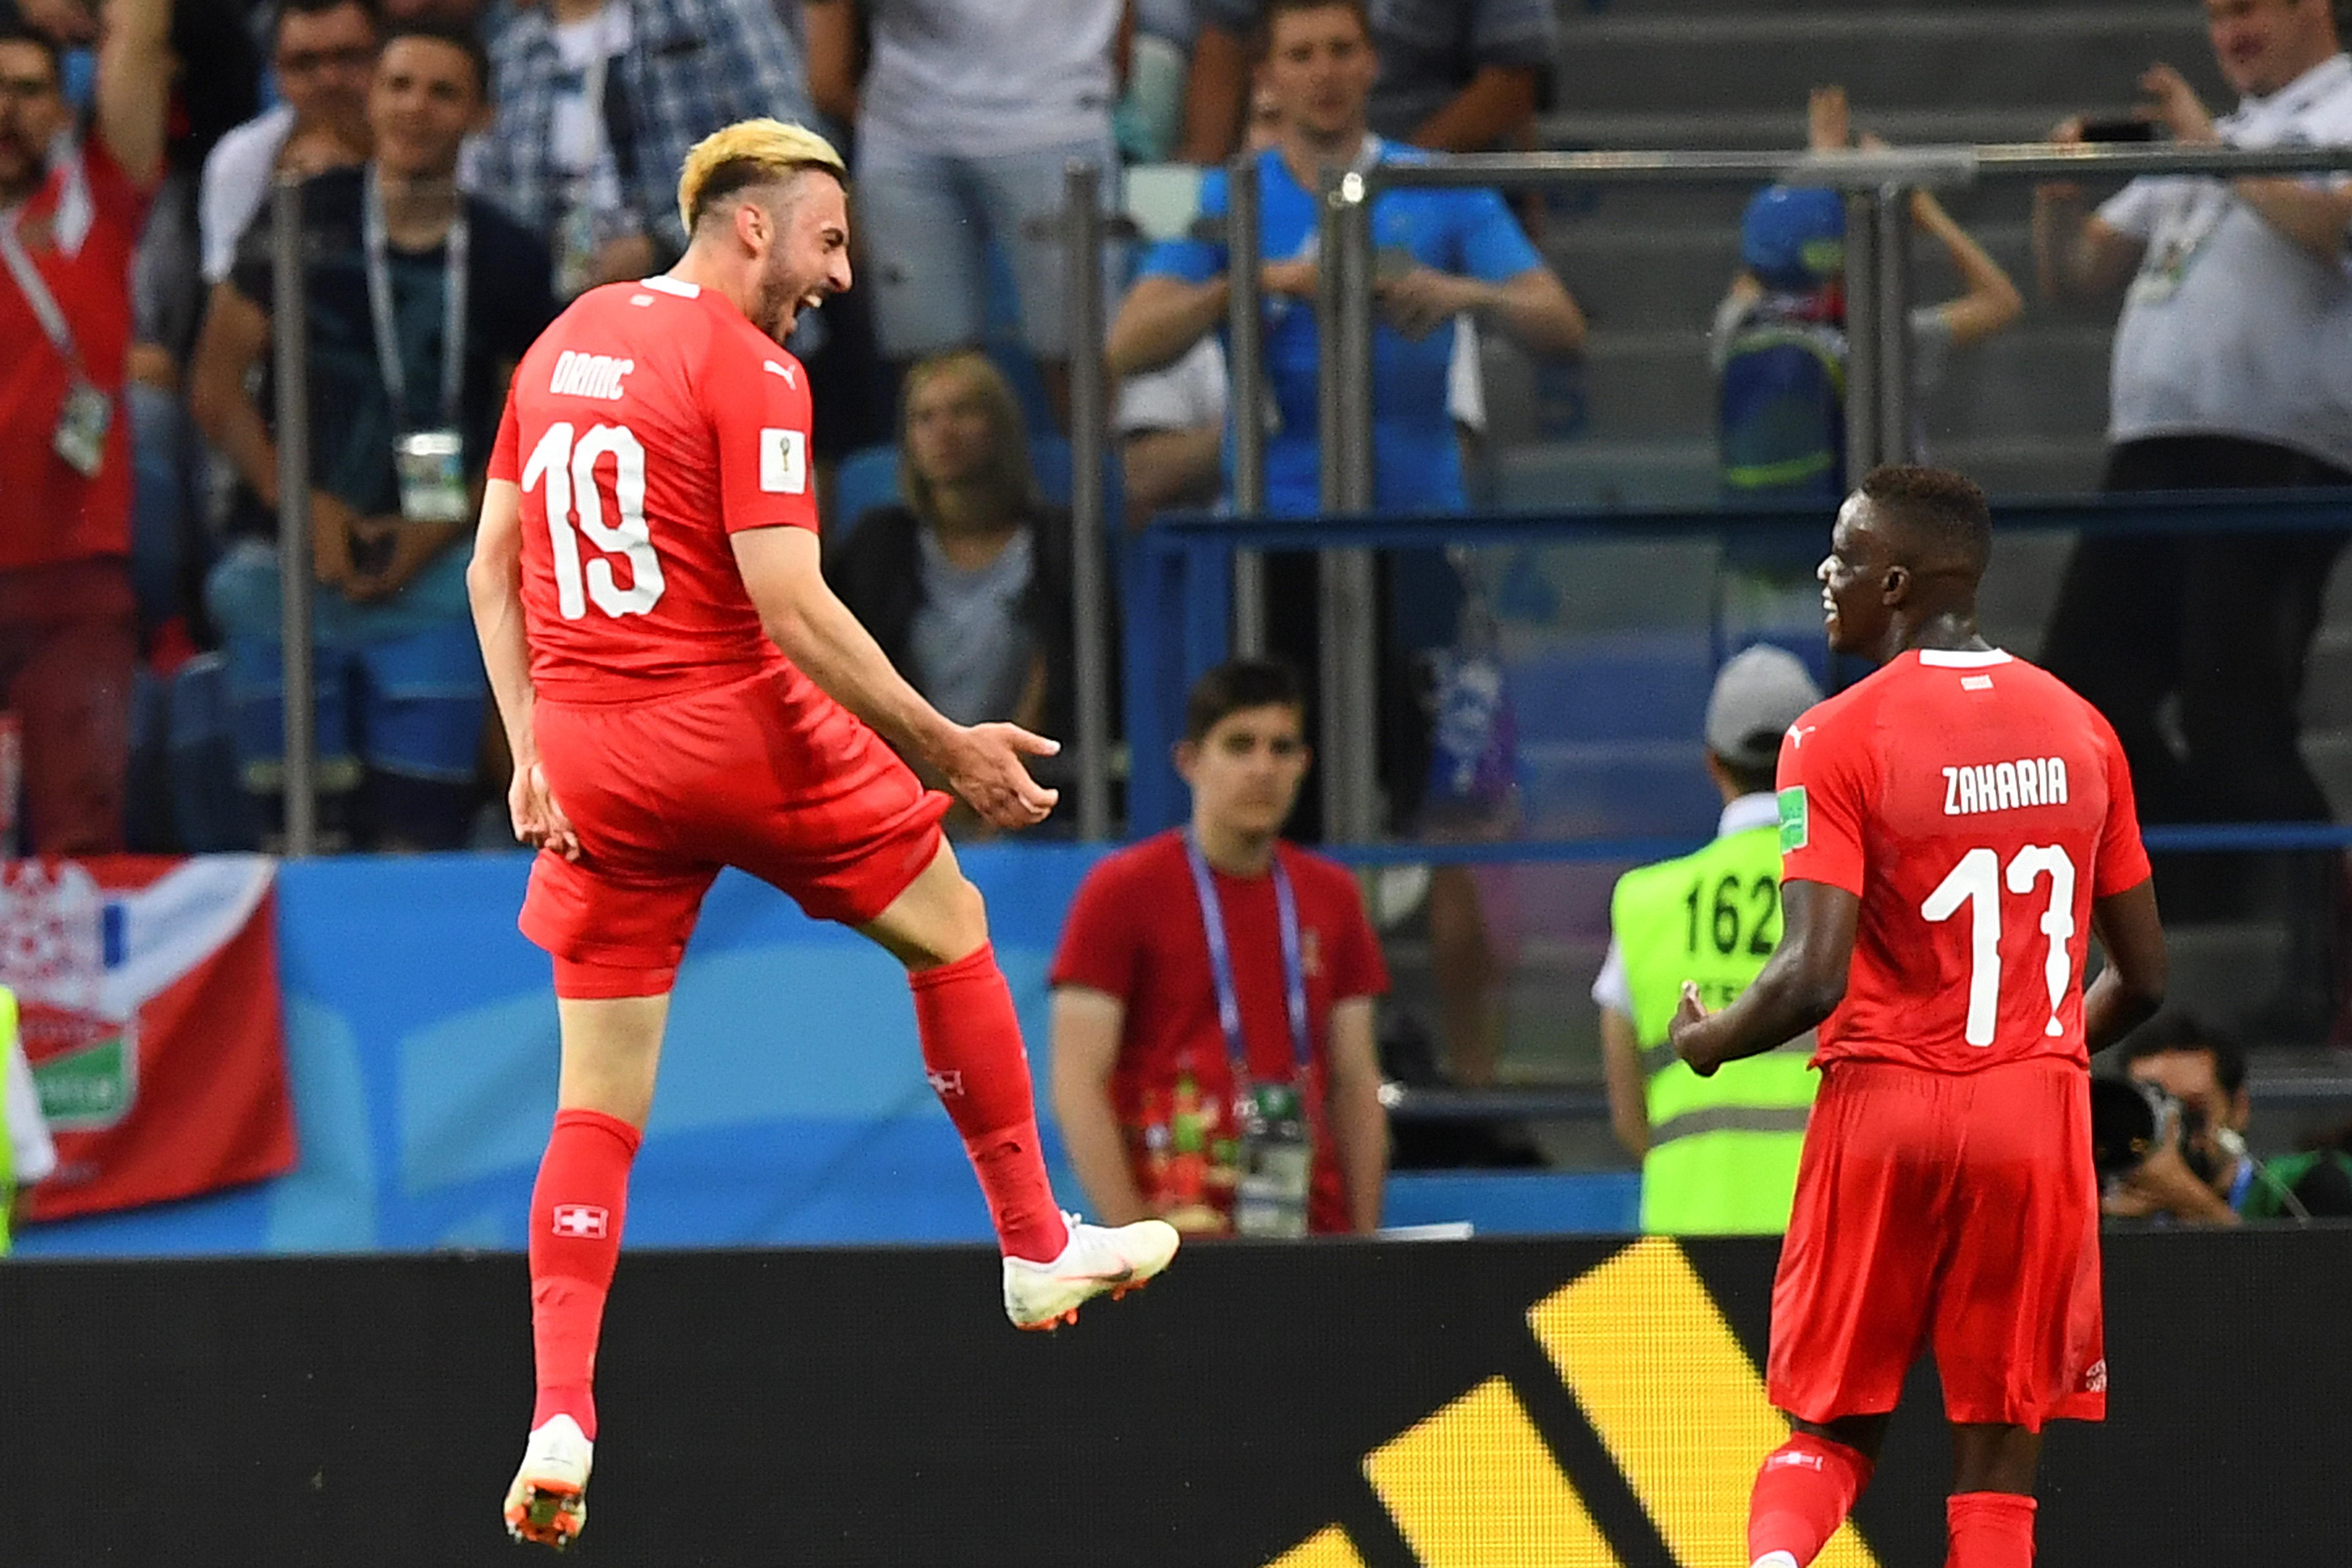 Svájc inkább a kapusára bízta az utolsó csoportmeccset Costa Rica ellen, az amerikaiaknak pedig összejött végre a vébégól